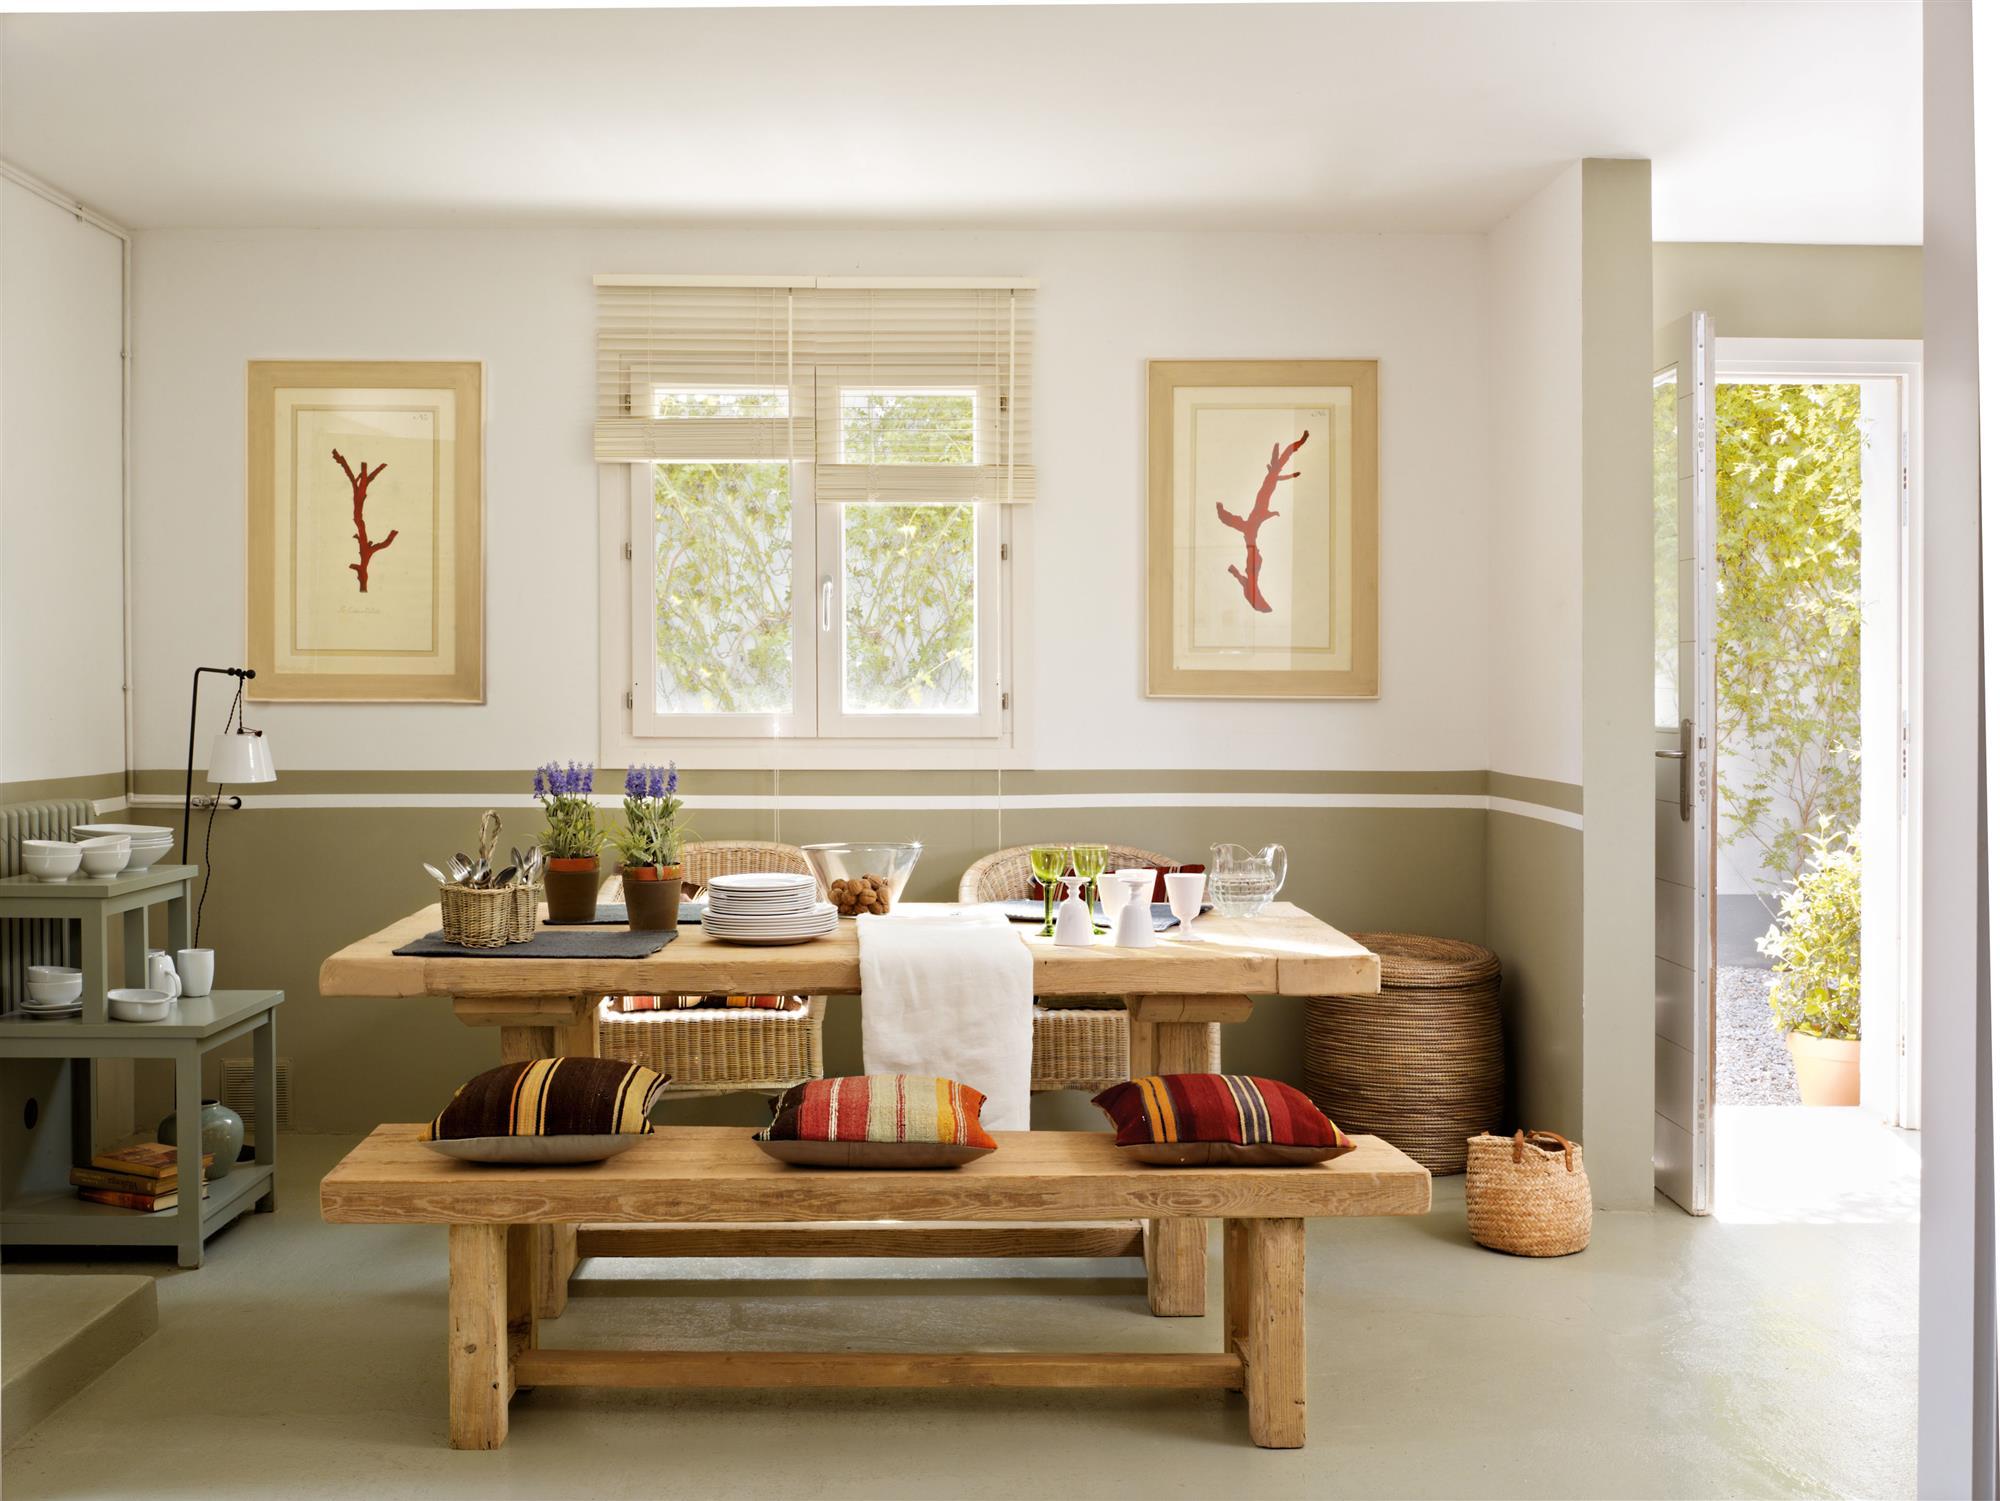 Pintura o papel pintado qu es mejor y pros y contras - Pintura para salon comedor ...